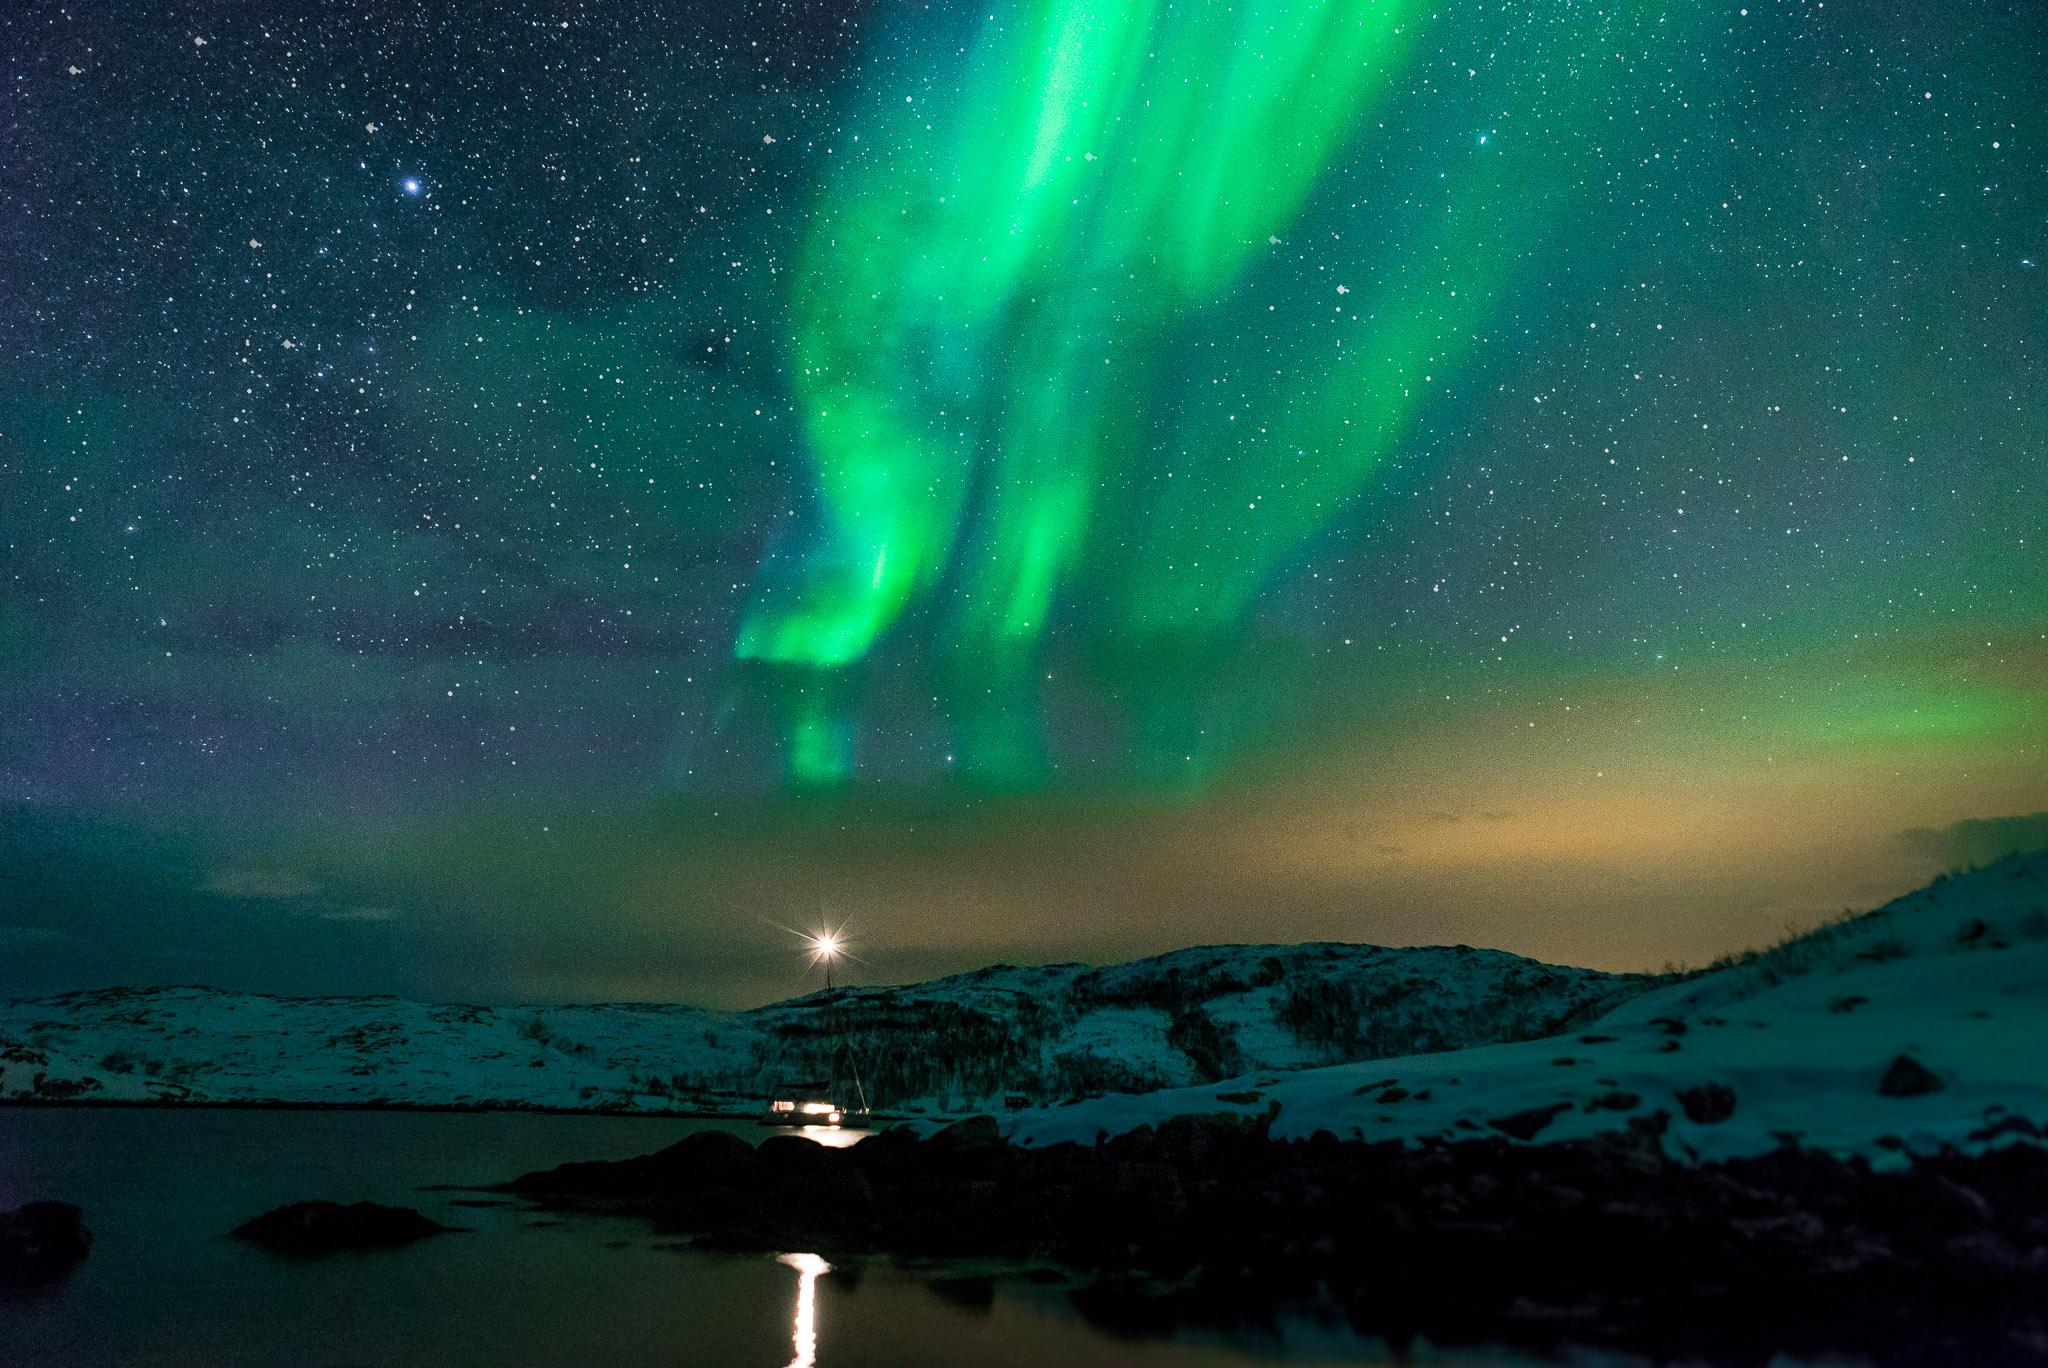 【極光下的挪威峽灣】特羅姆瑟乘遊艇賞極光